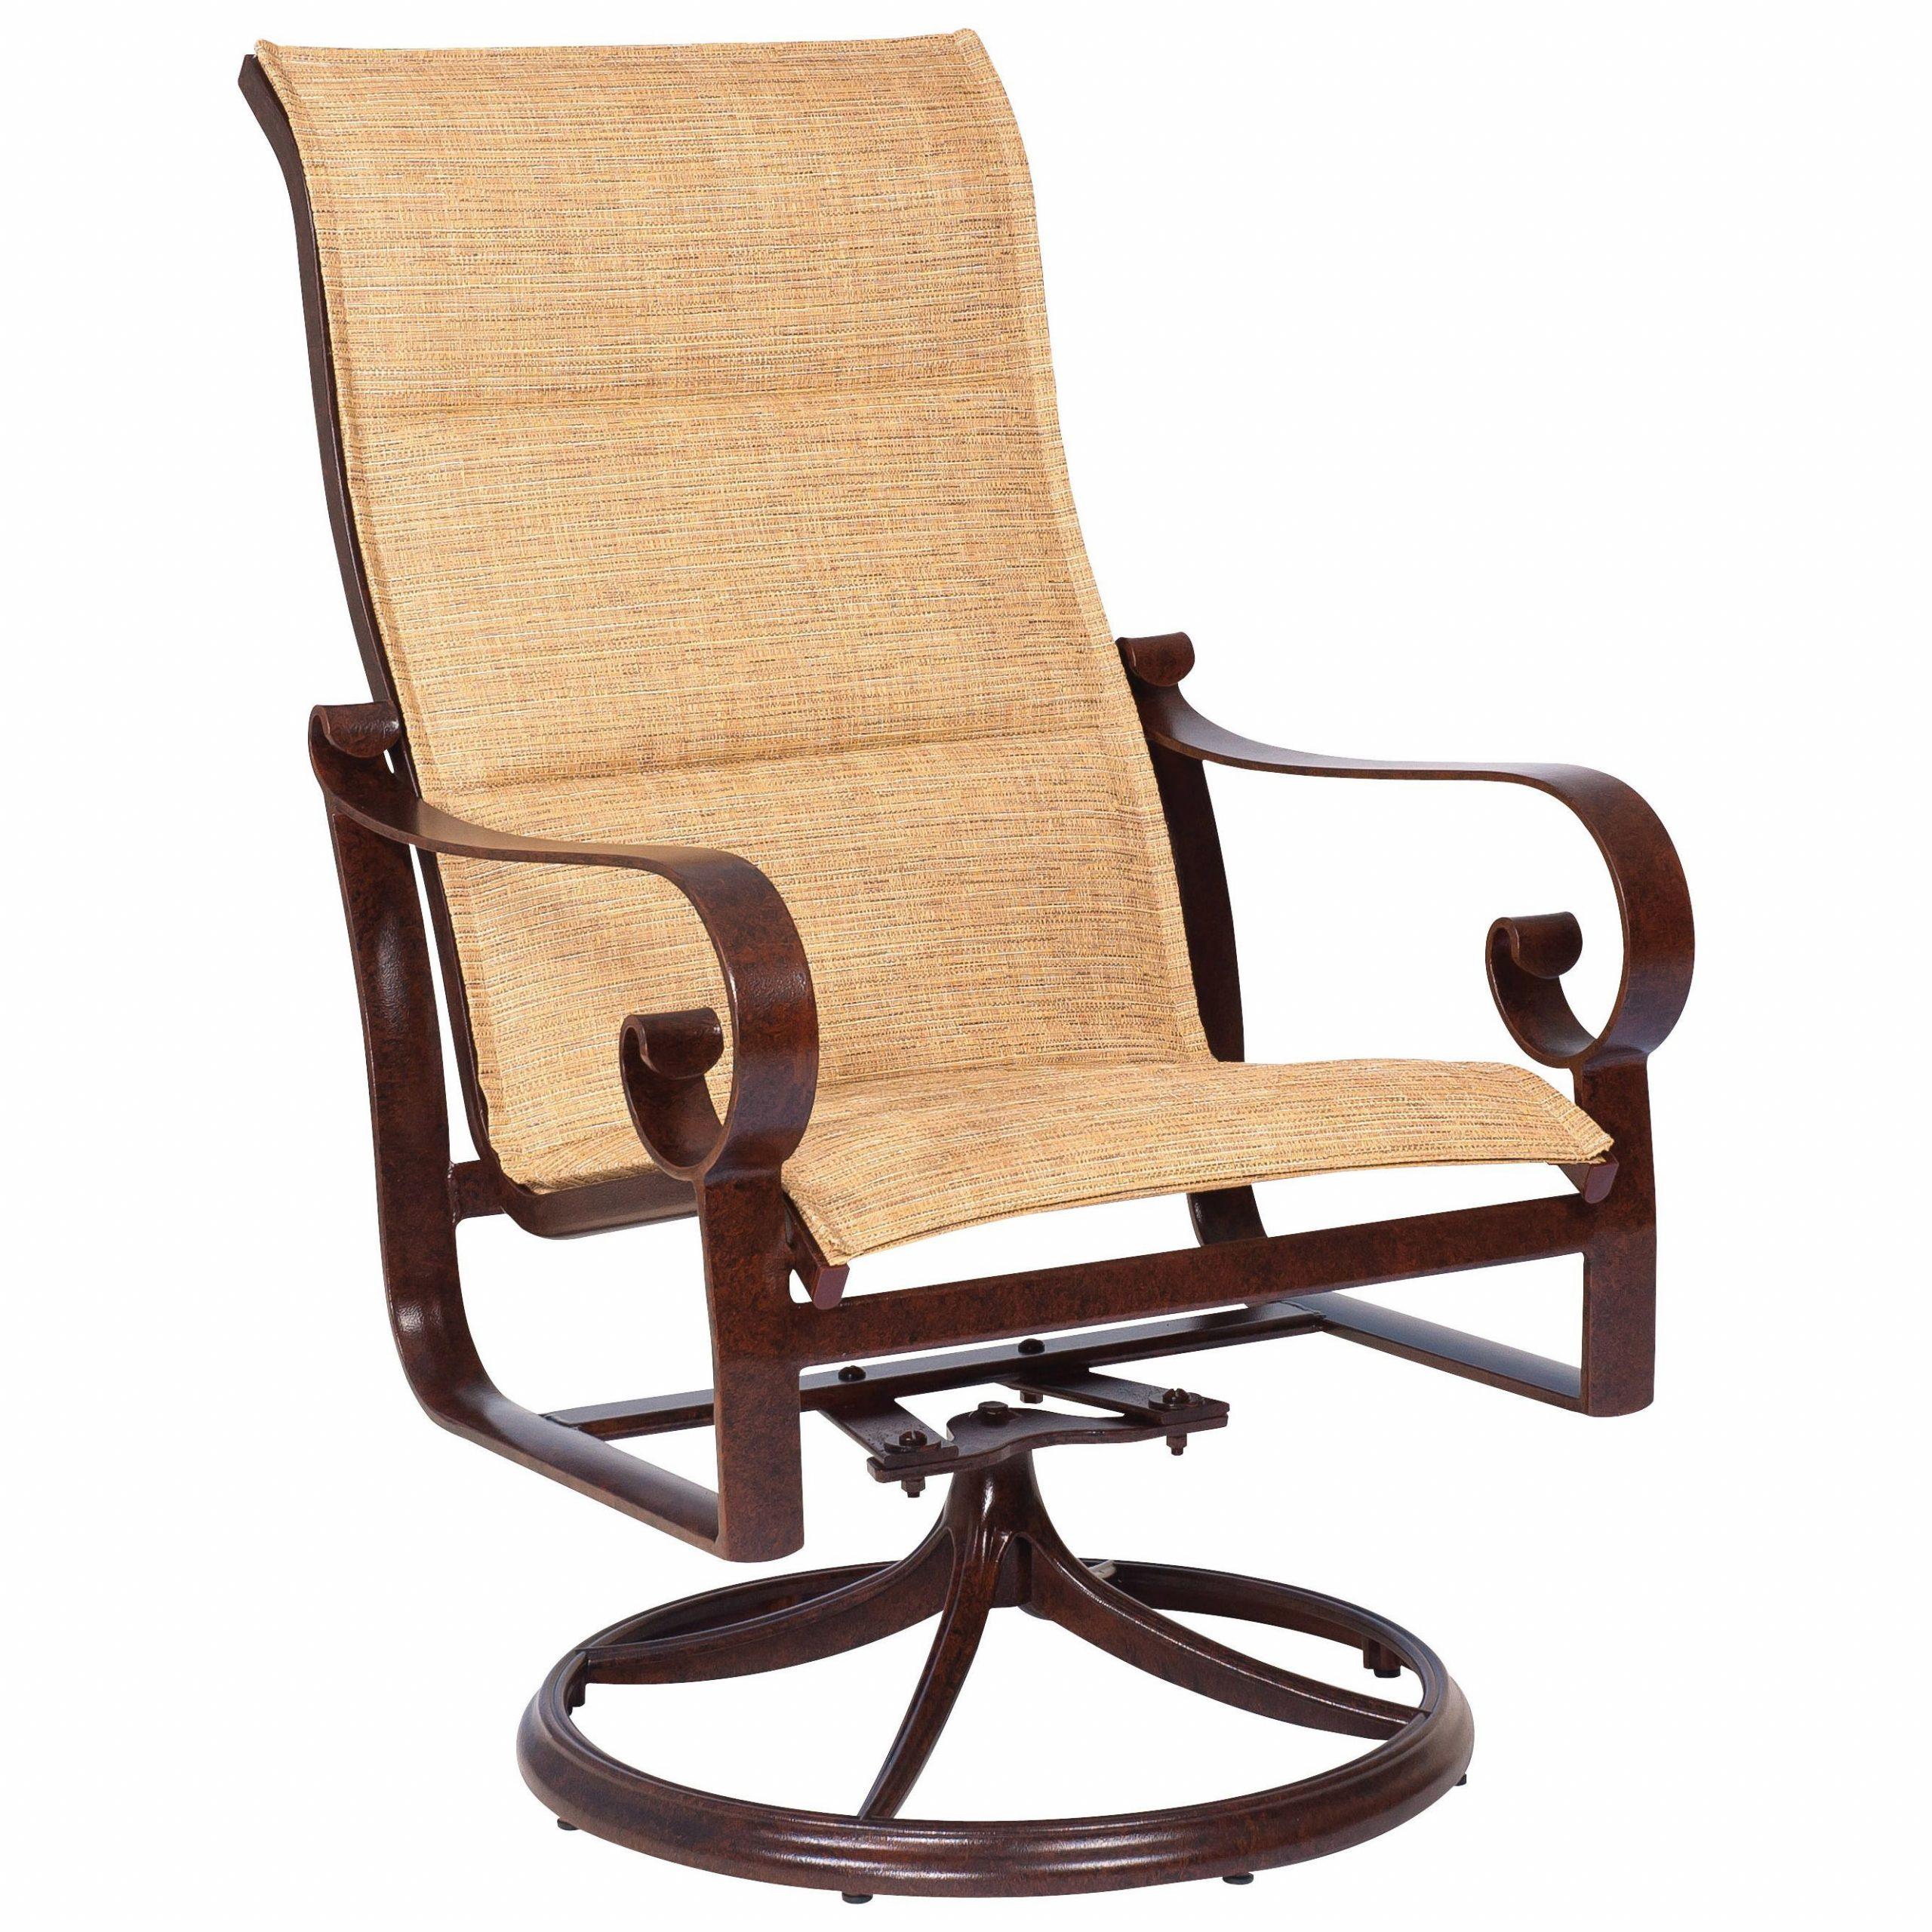 Woodard Belden Padded Sling Aluminum High Back Swivel Rocker Pertaining To Padded Sling High Back Swivel Chairs (View 2 of 25)